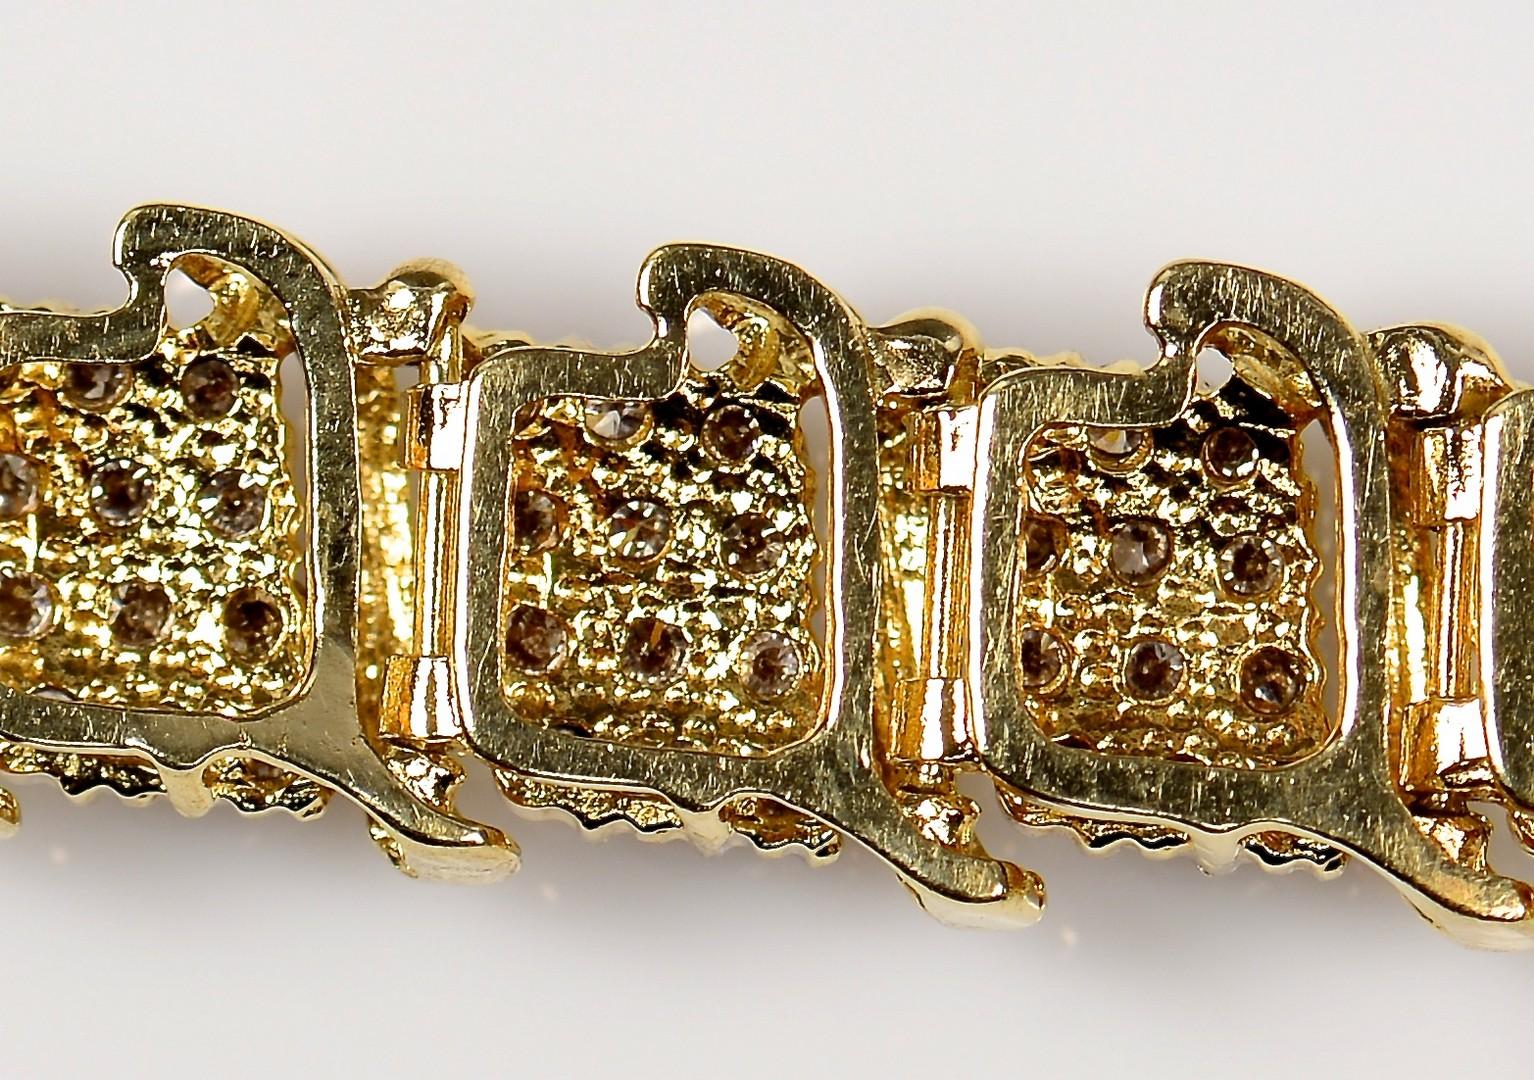 Lot 70: Two 10K Diamond Link Bracelets